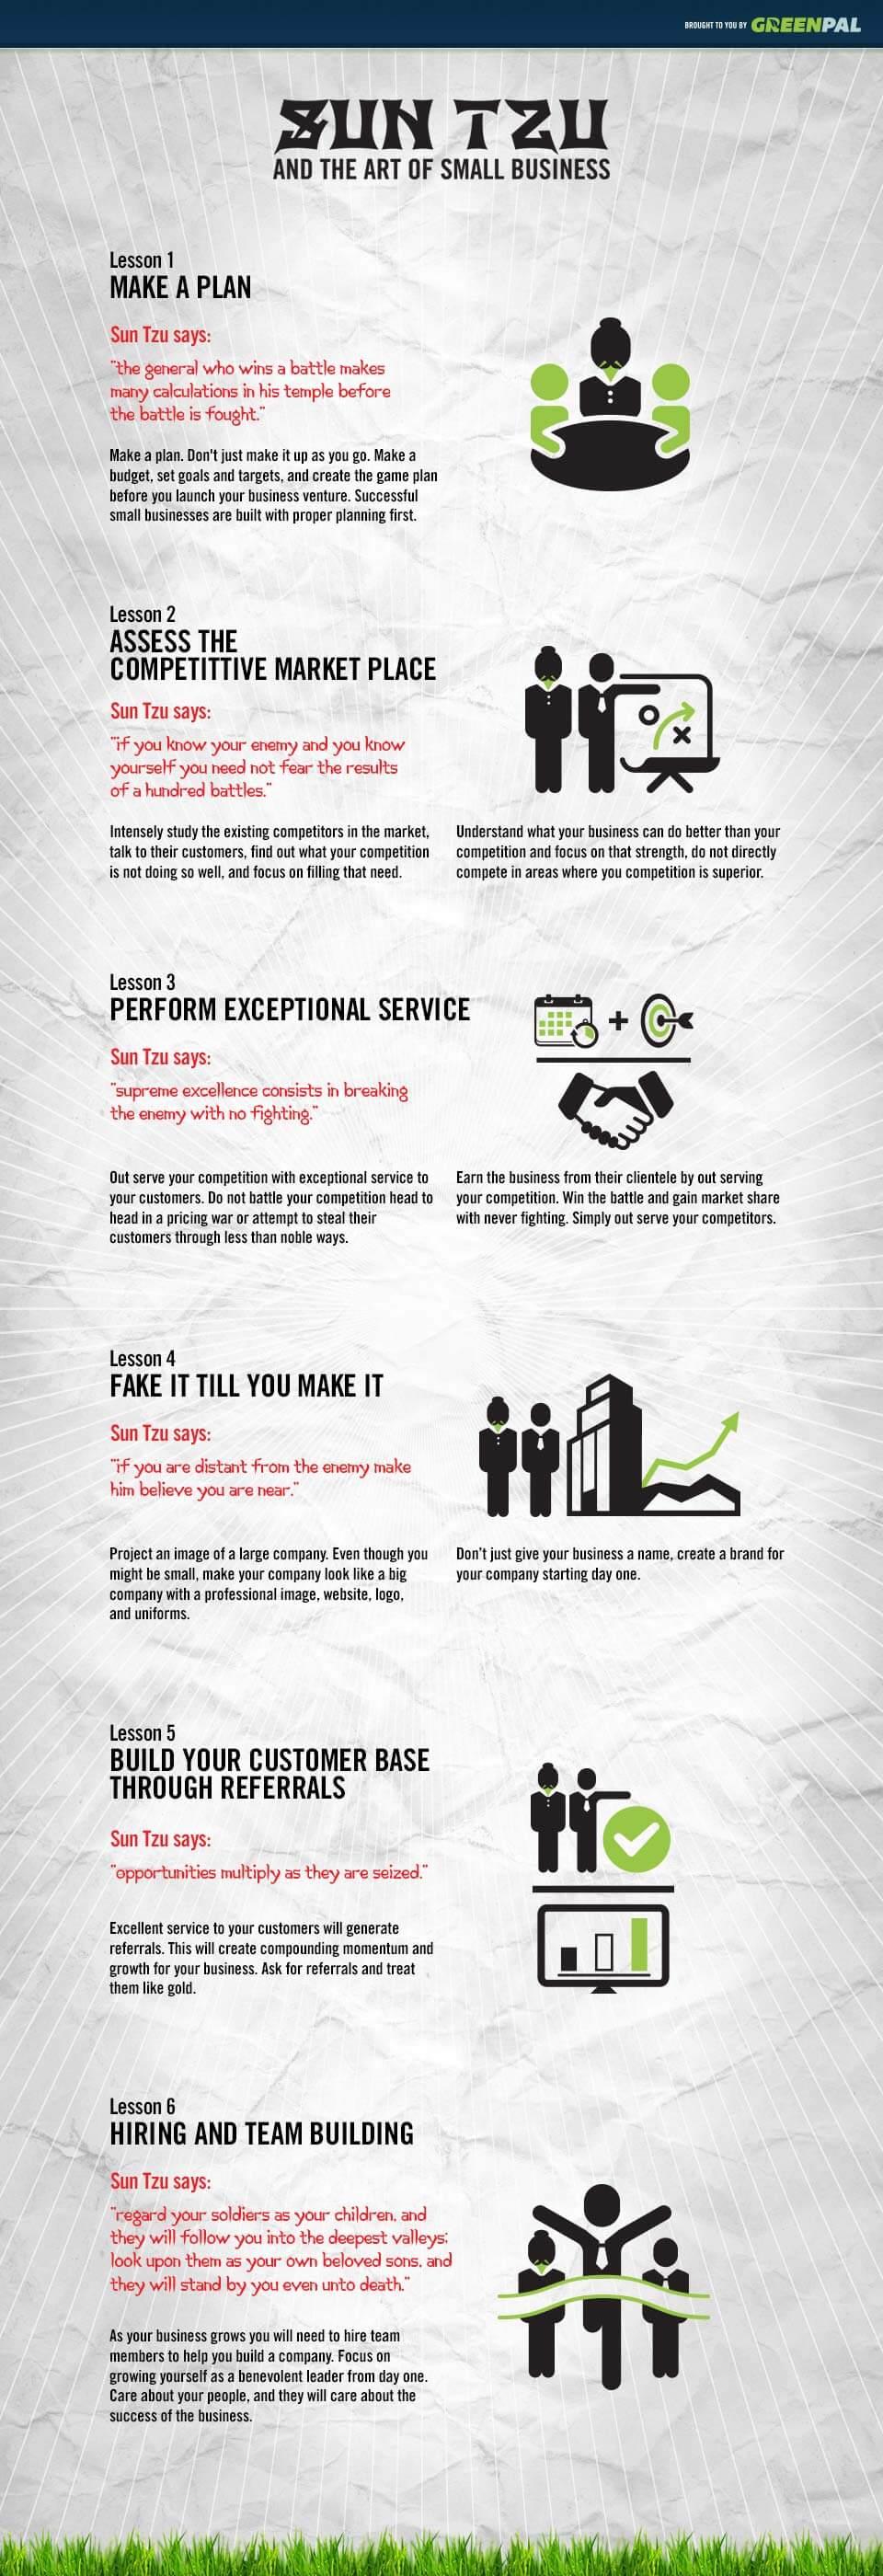 (infographie) L'art d'entreprendre : 6 leçons inspirées de Sun Tzu